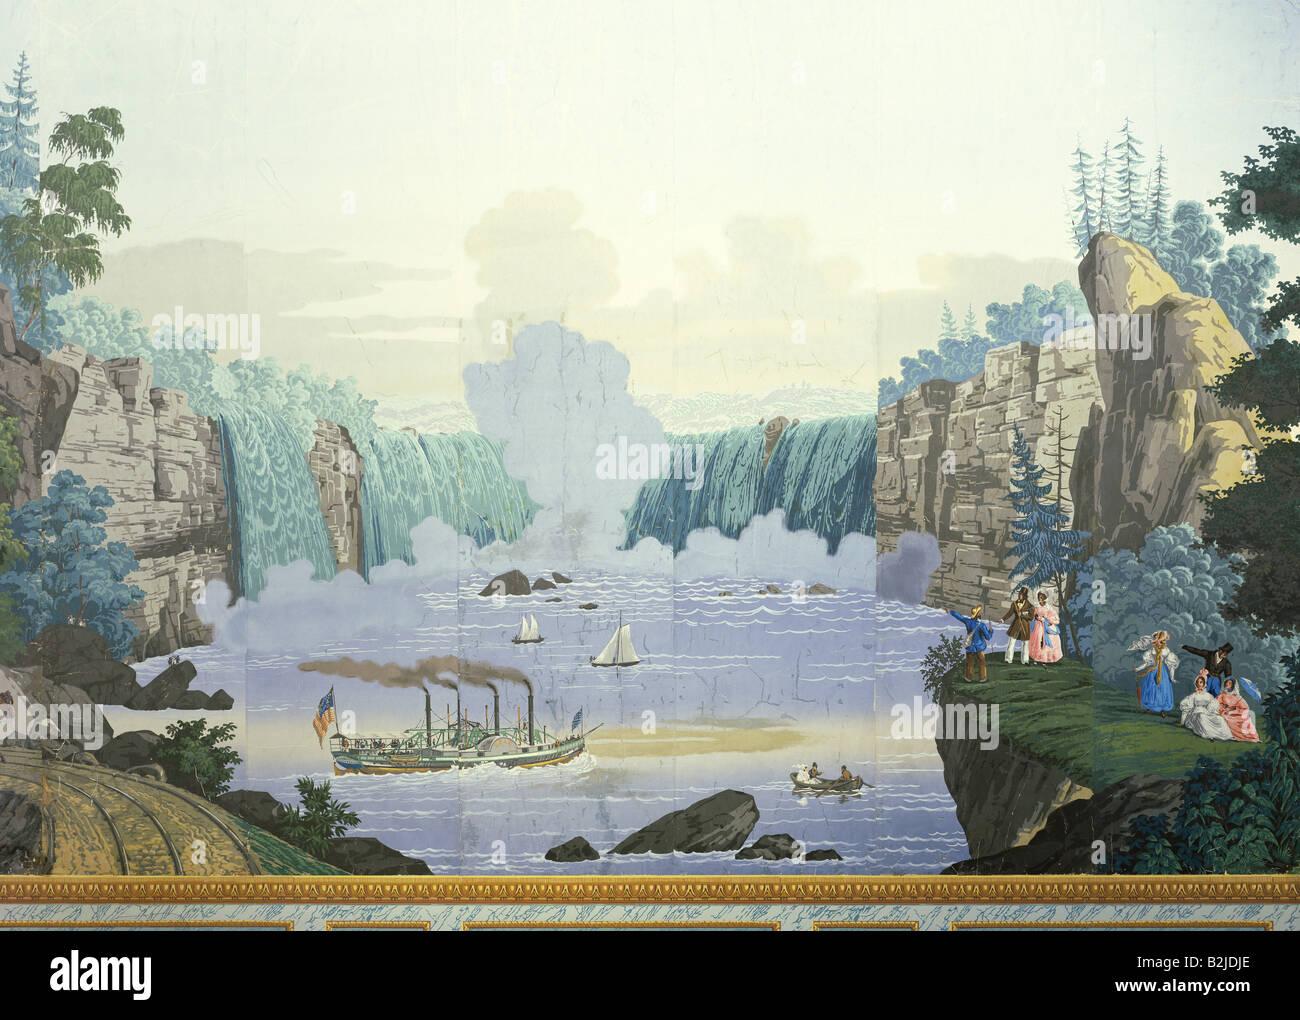 Geographie Voyages Usa Niagara Falls Avec Bateau A Vapeur Erie